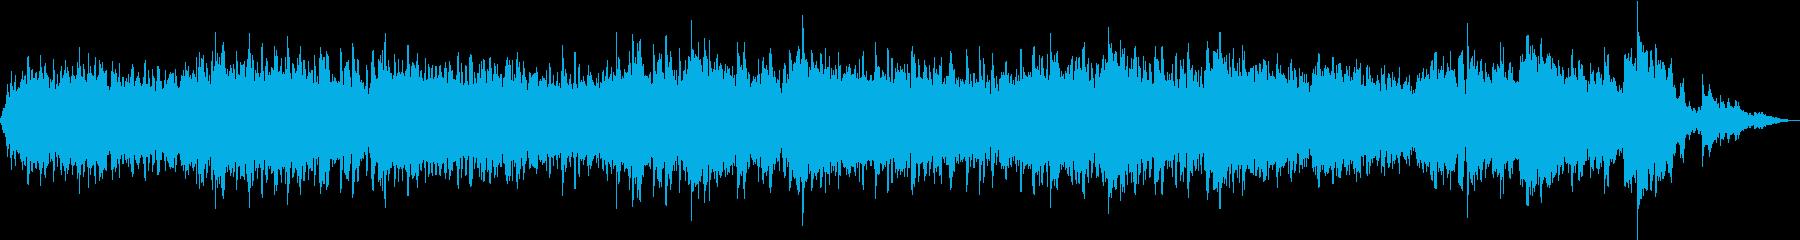 在宅での休憩用BGMの再生済みの波形